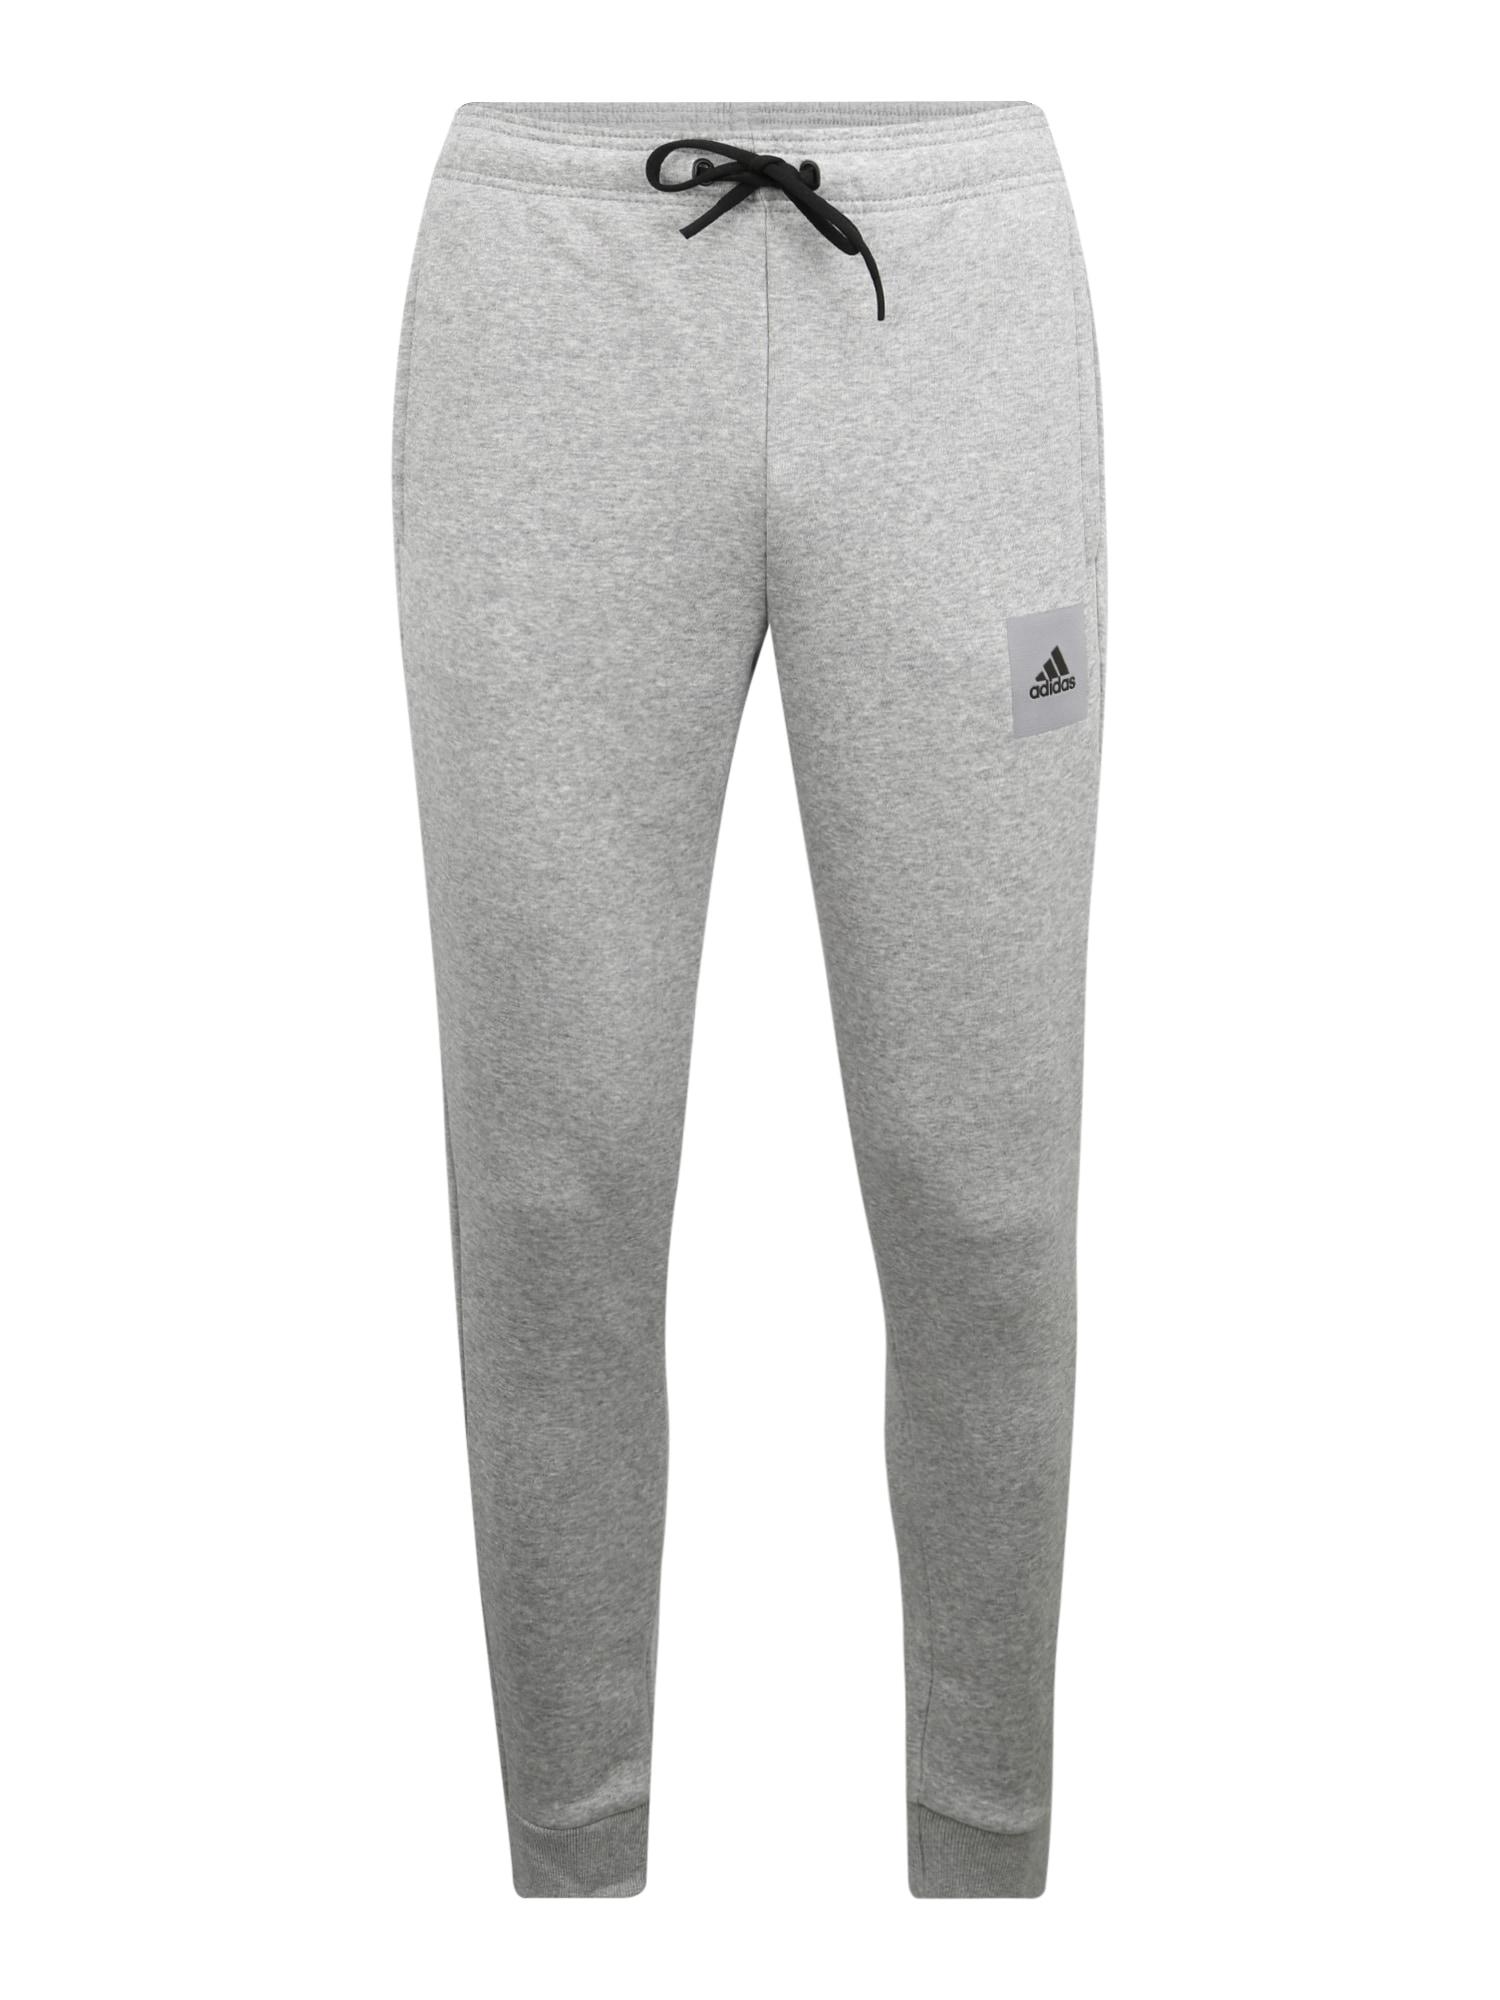 ADIDAS PERFORMANCE Sportovní kalhoty  světle šedá